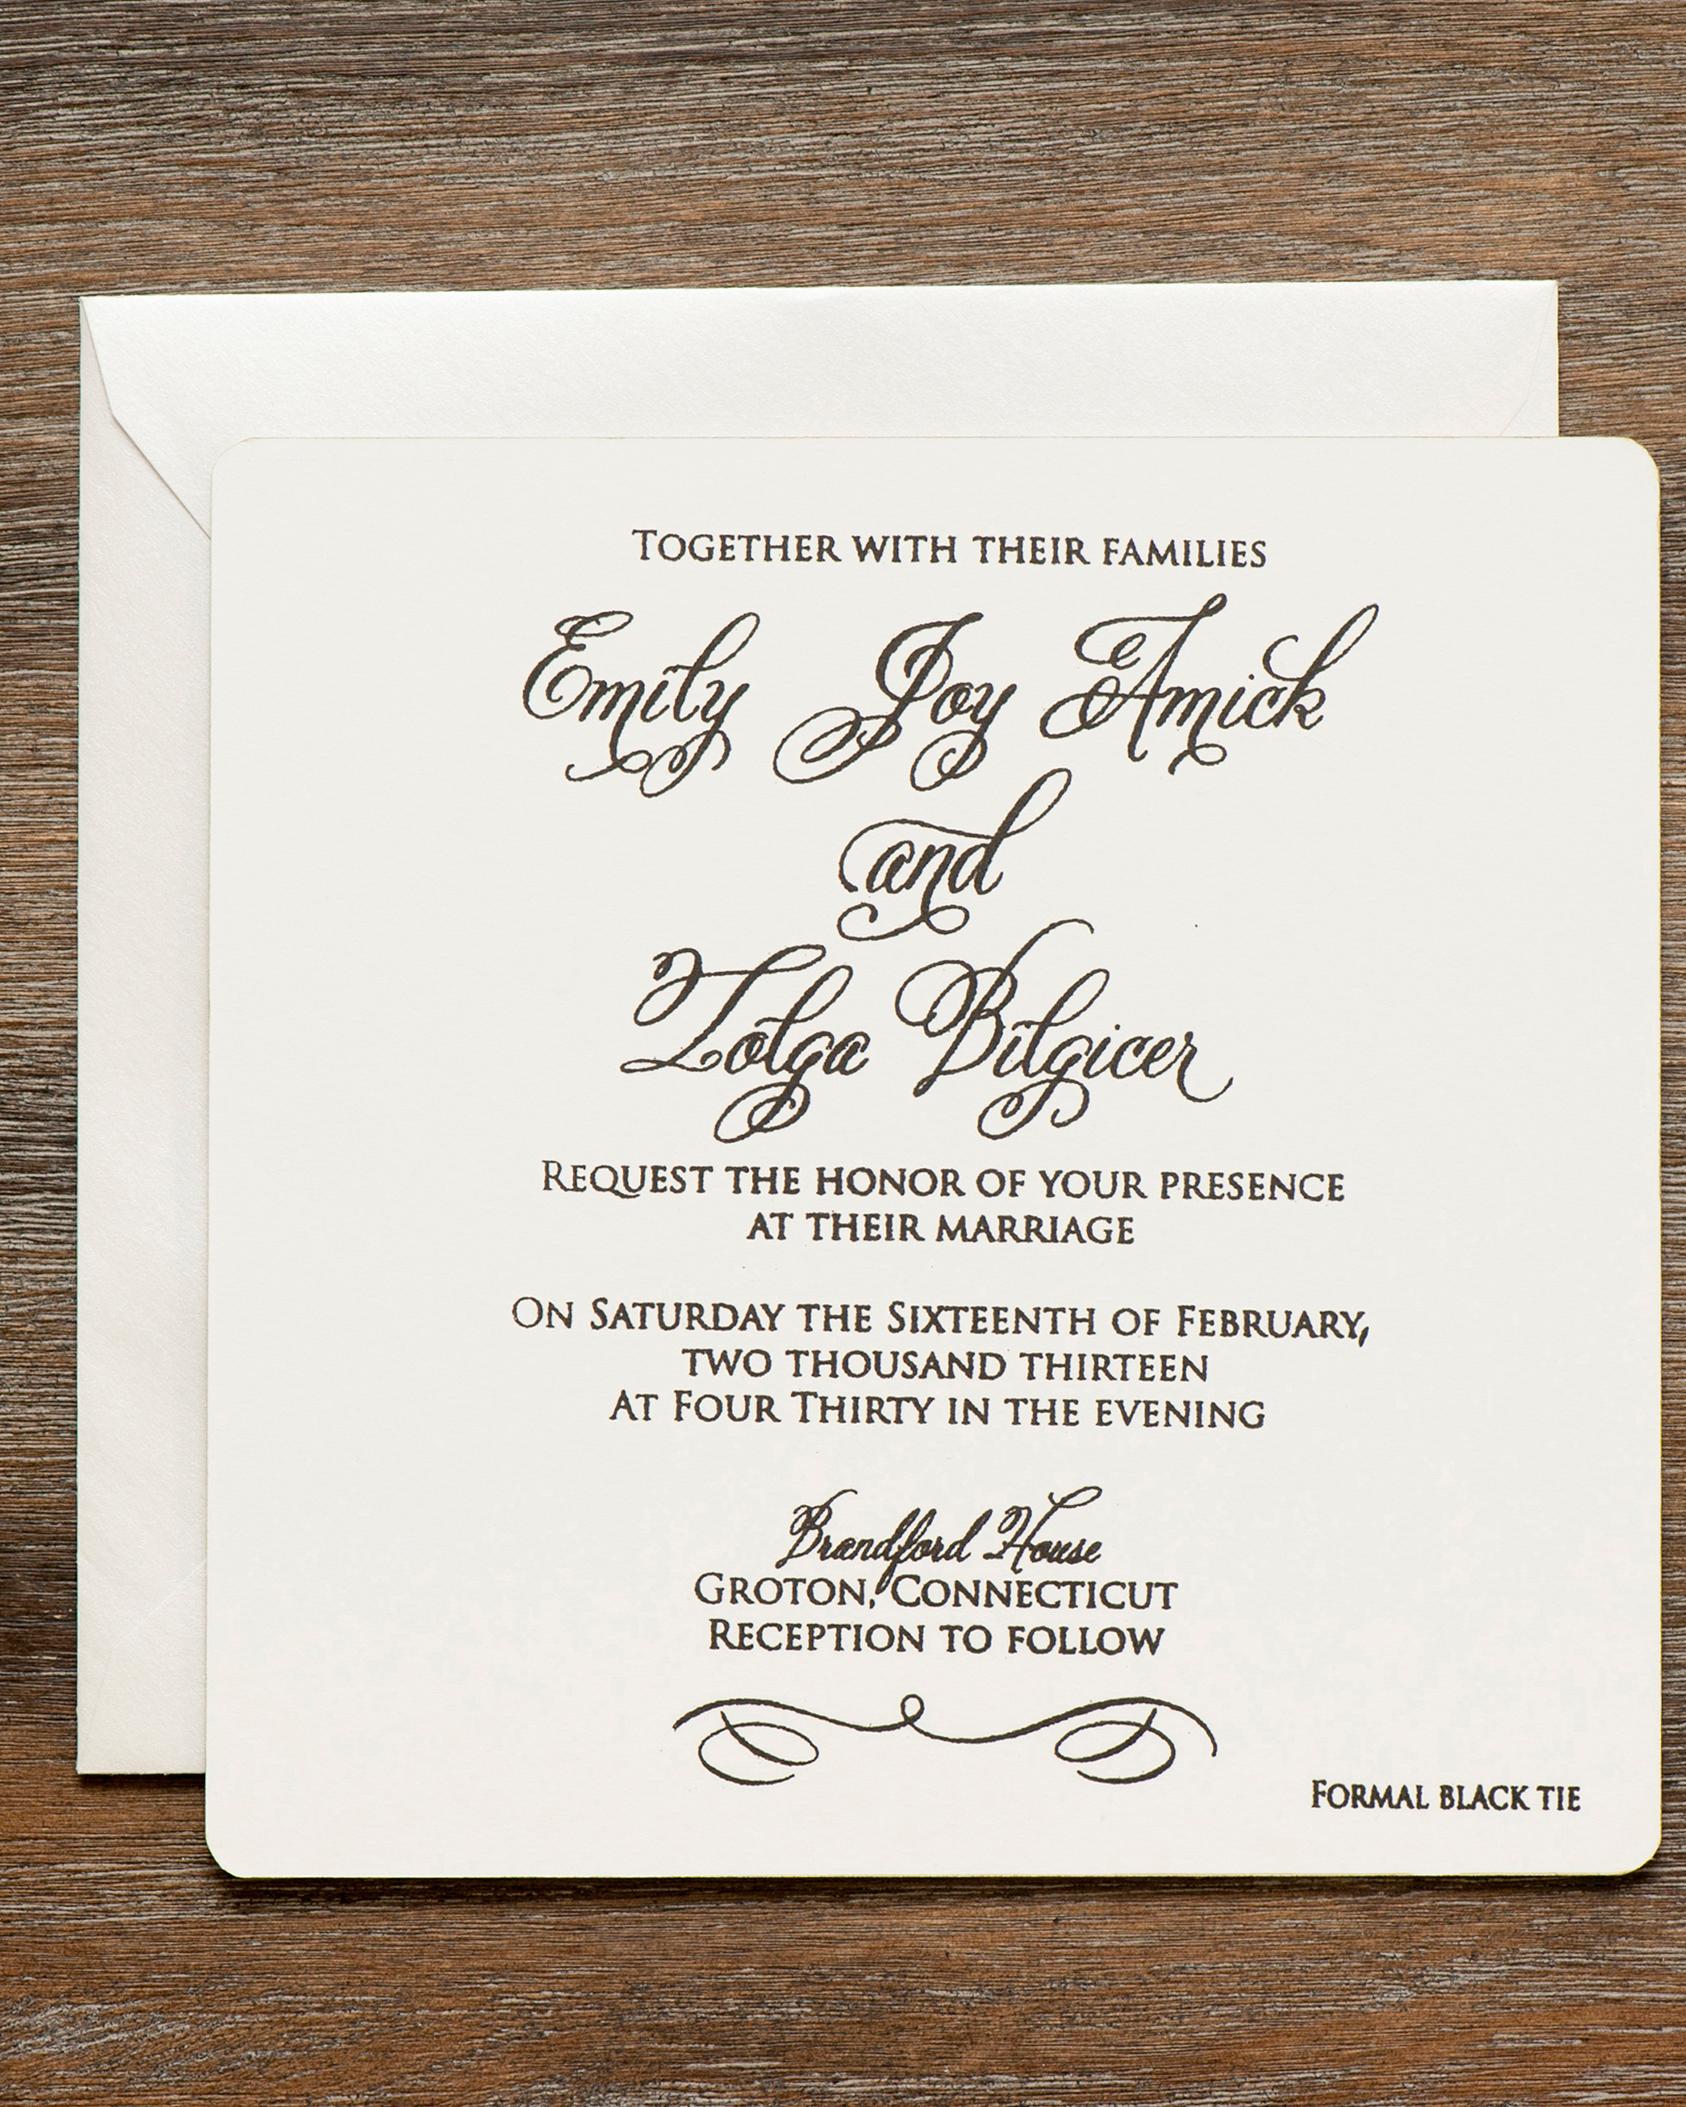 emily-tolga-wedding-invite-0314.jpg